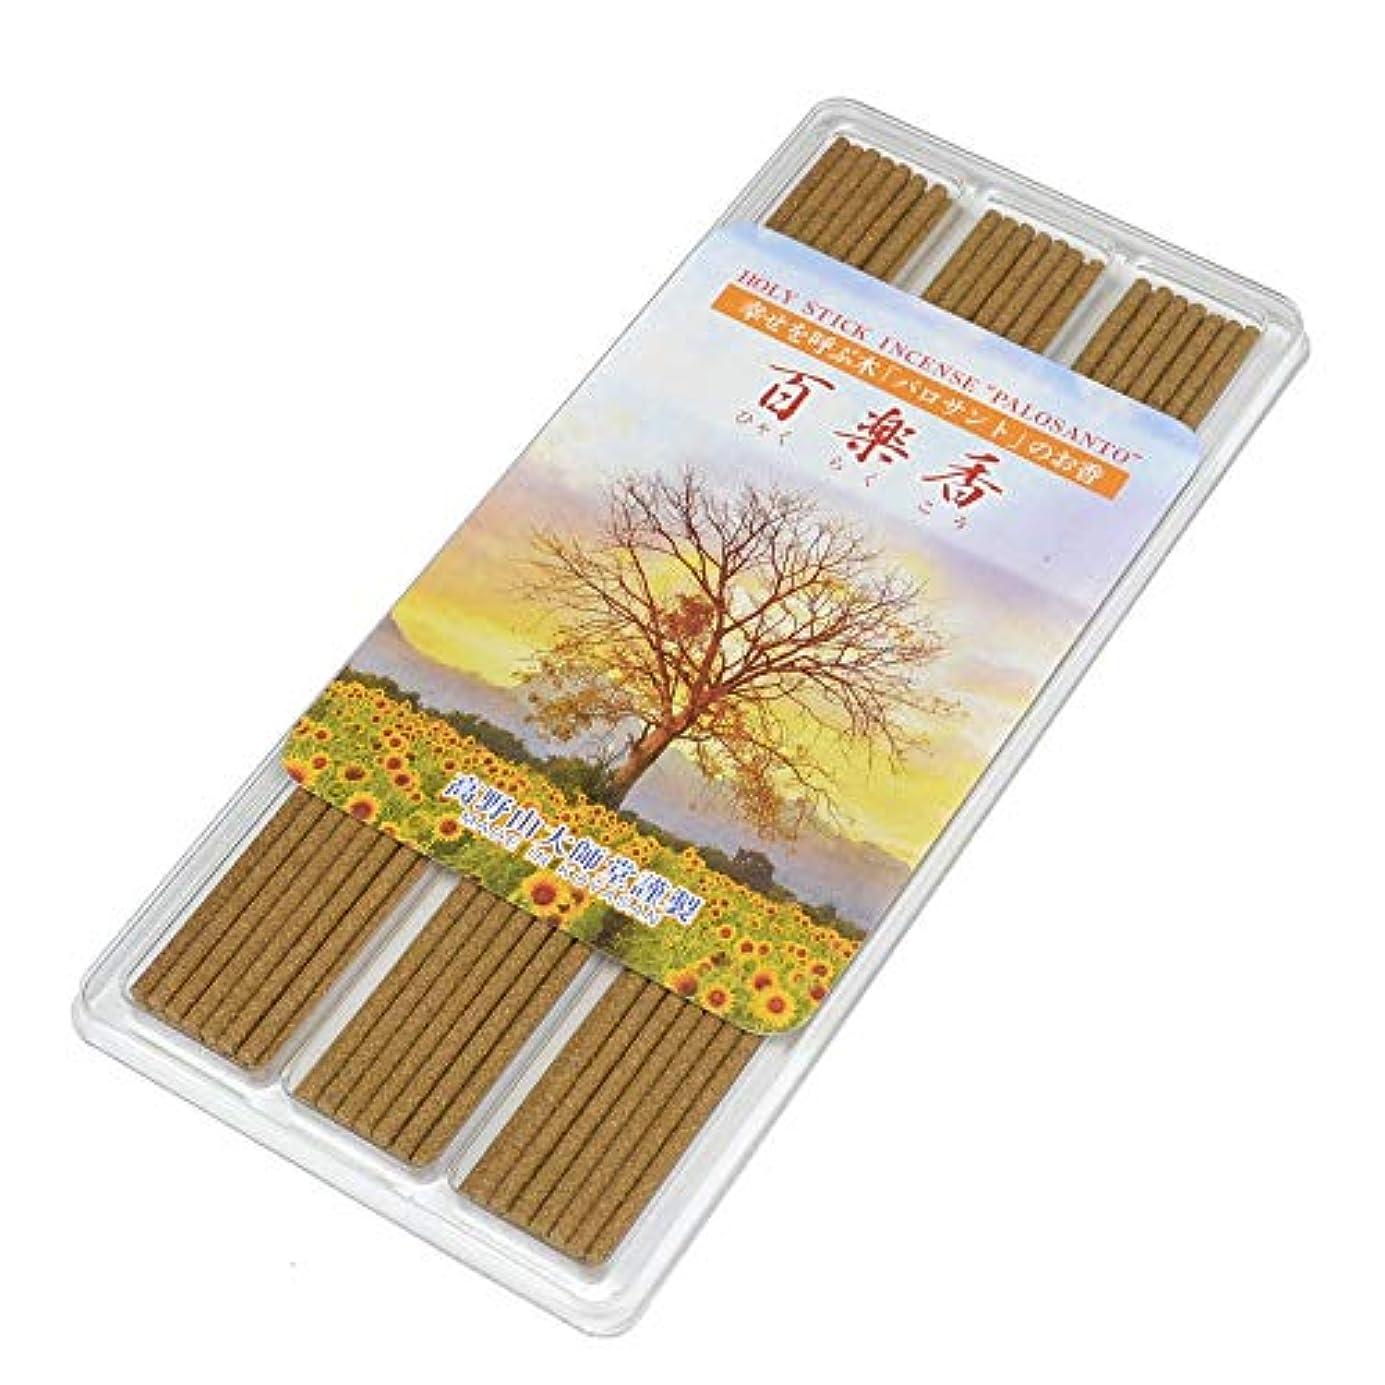 頂点観光に行く検出幸運の木「パロサント」のお香【徳用】Palo Santo Incense